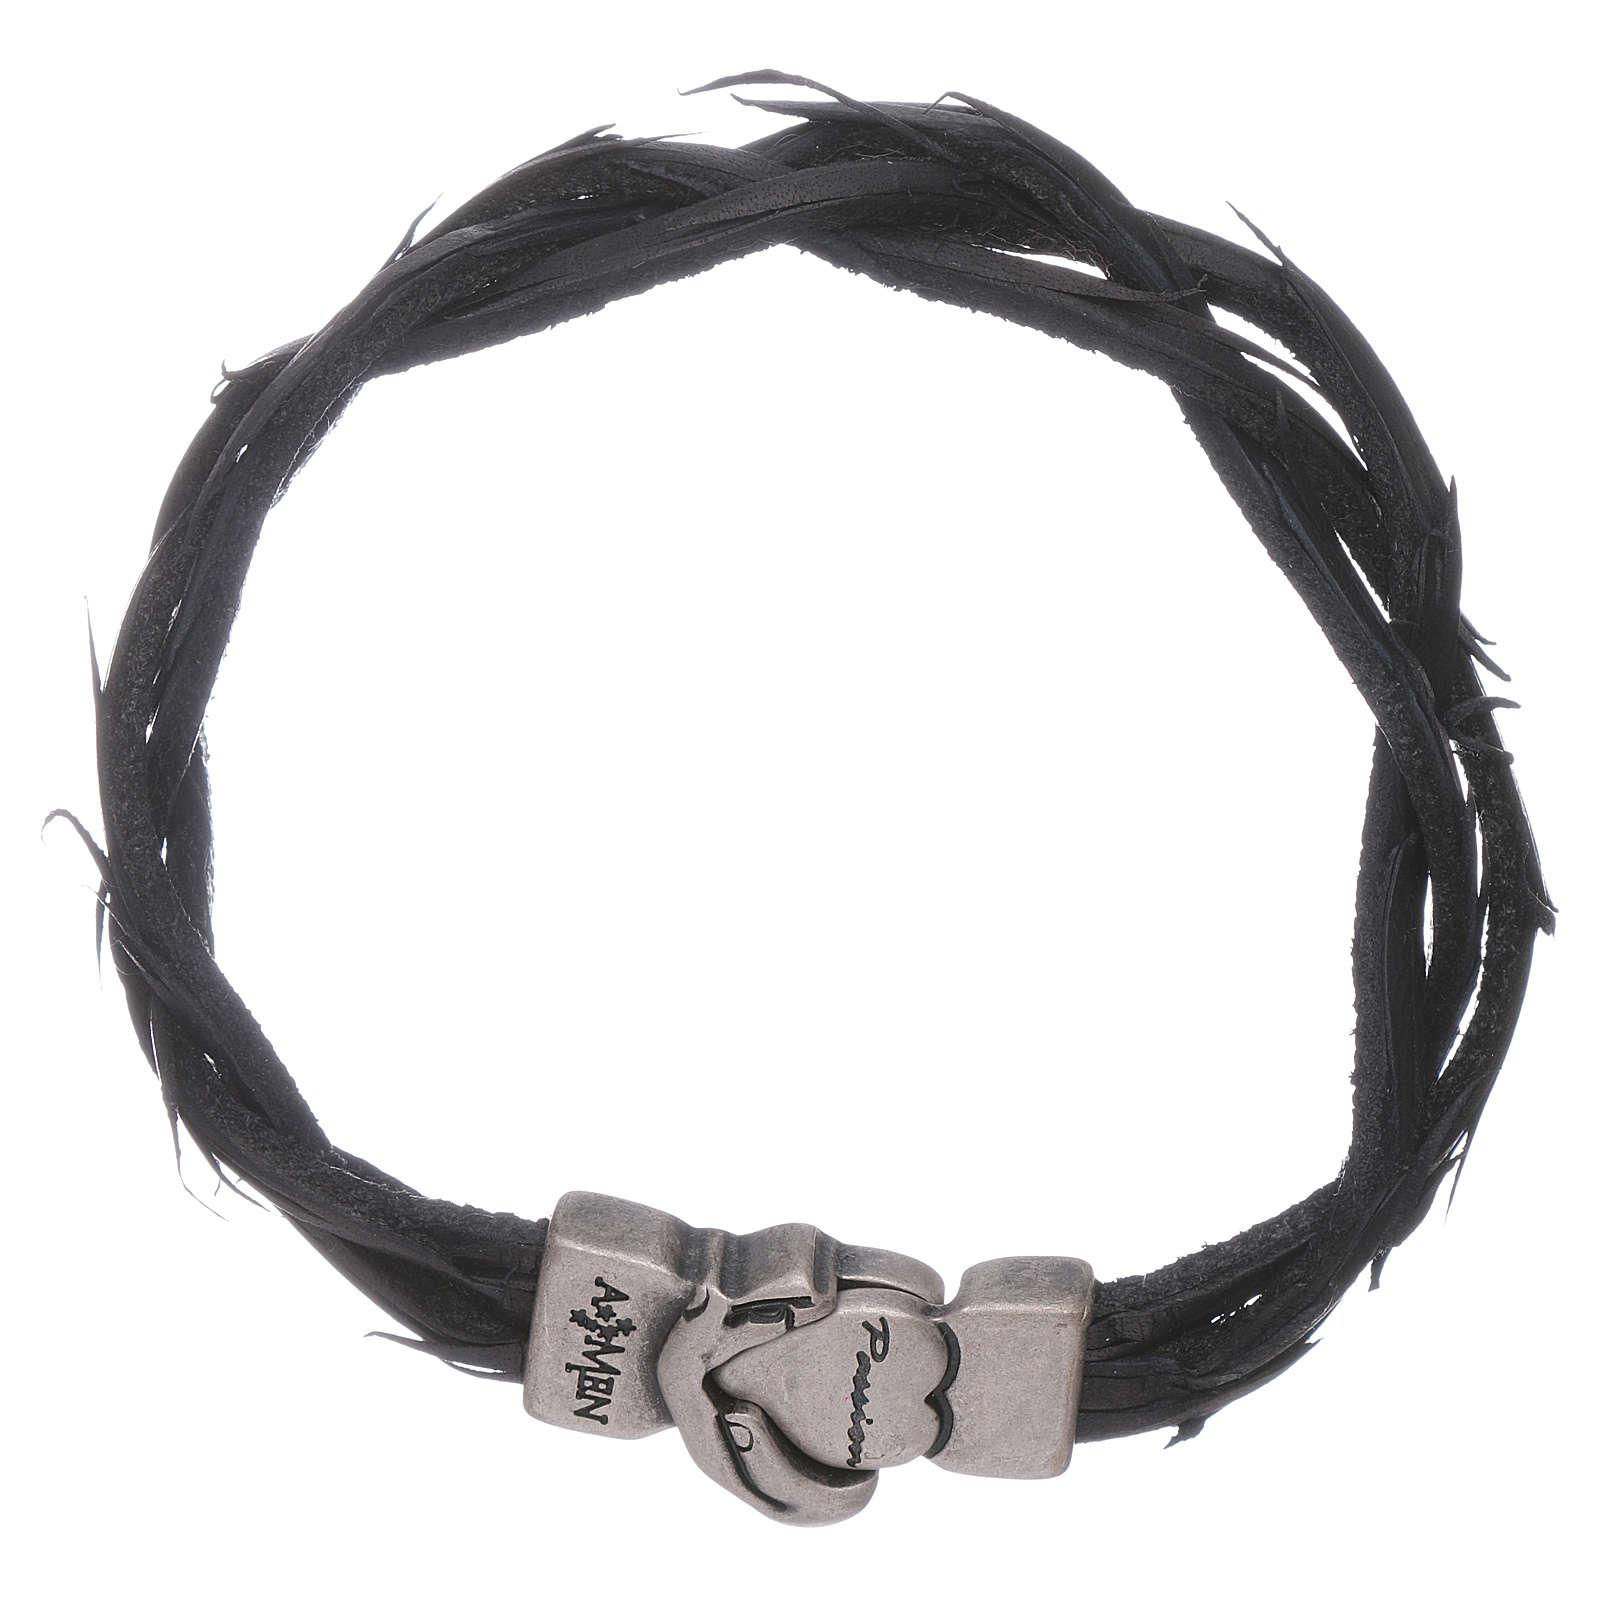 AMEN black woven leather Passion symbol bracelet 4